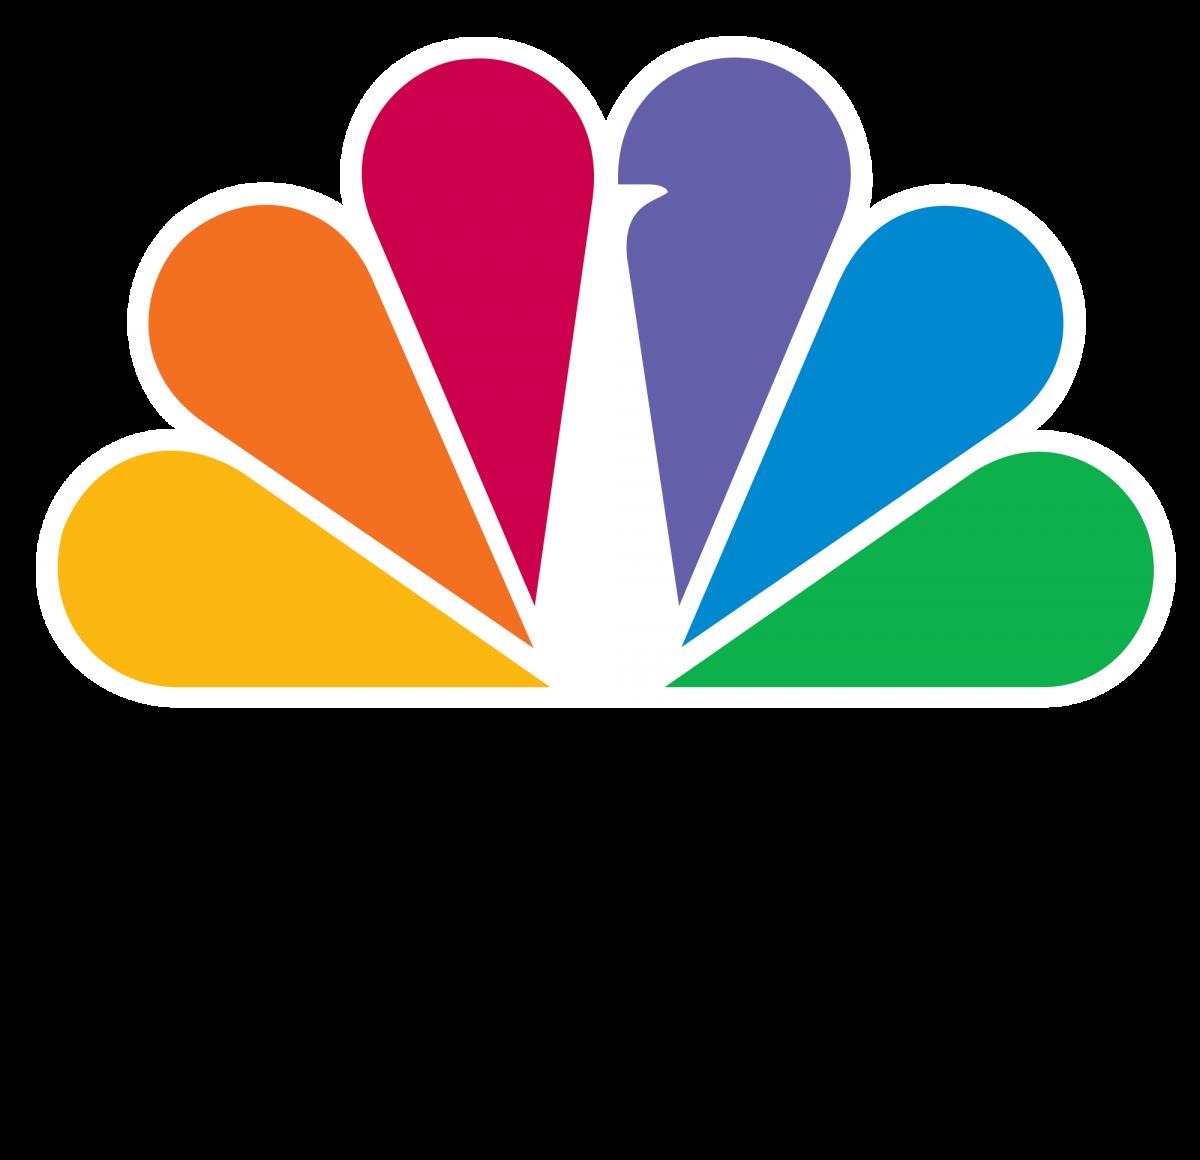 NBC Logo linking to NBC website